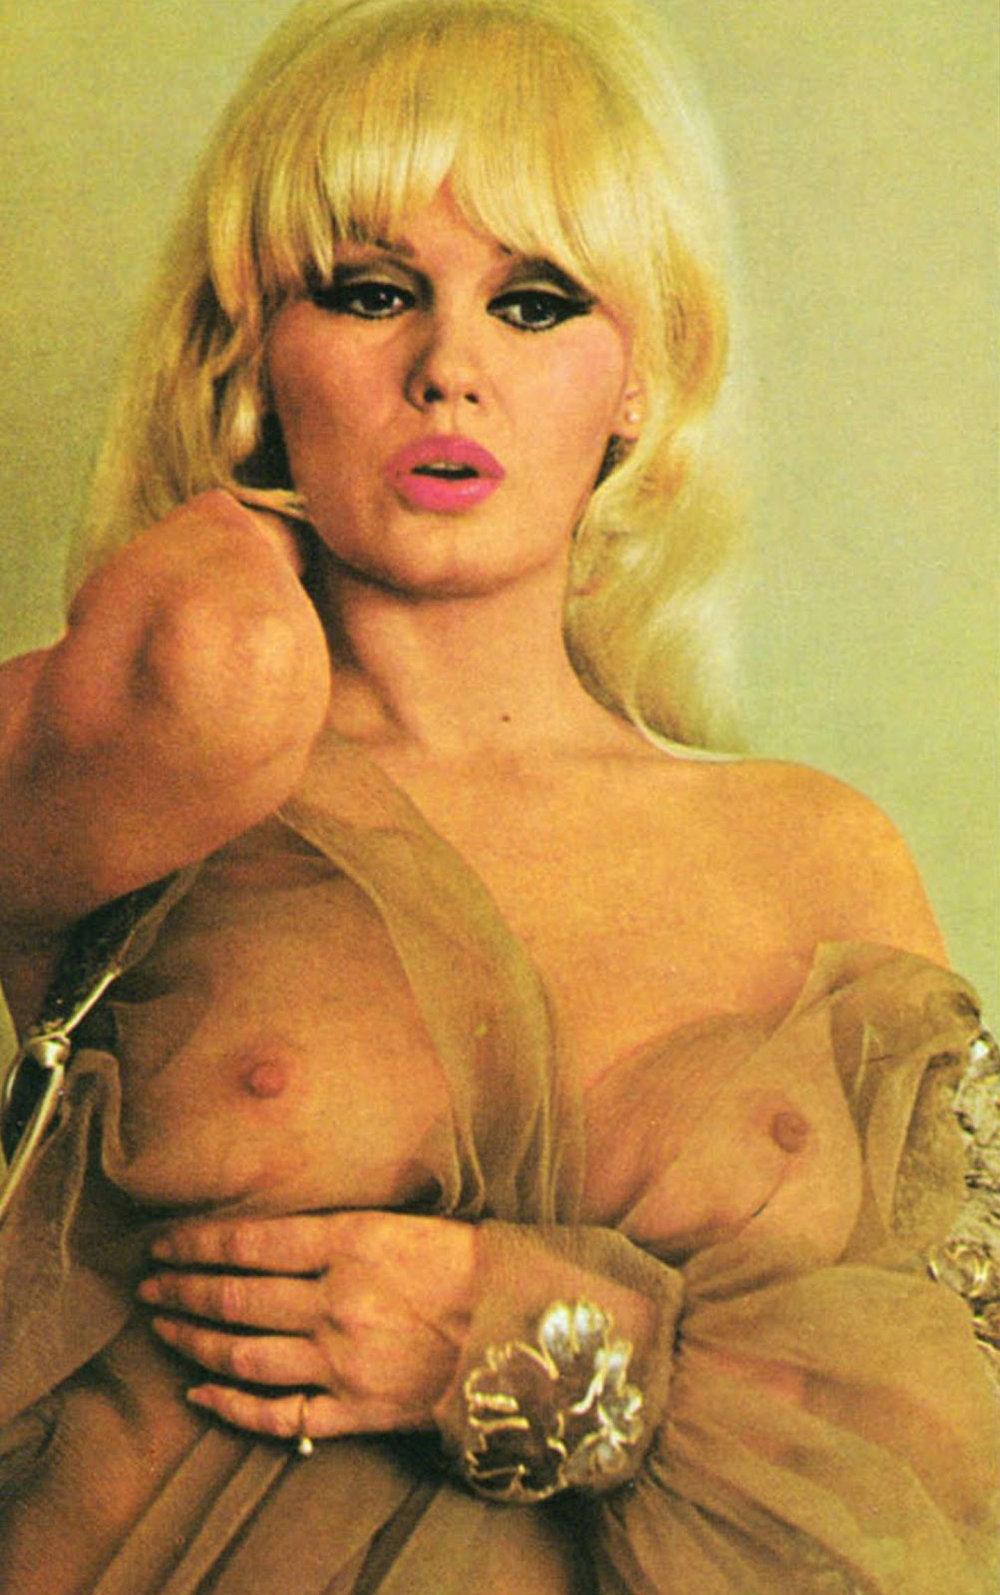 Mamie Van Doren 01.jpg